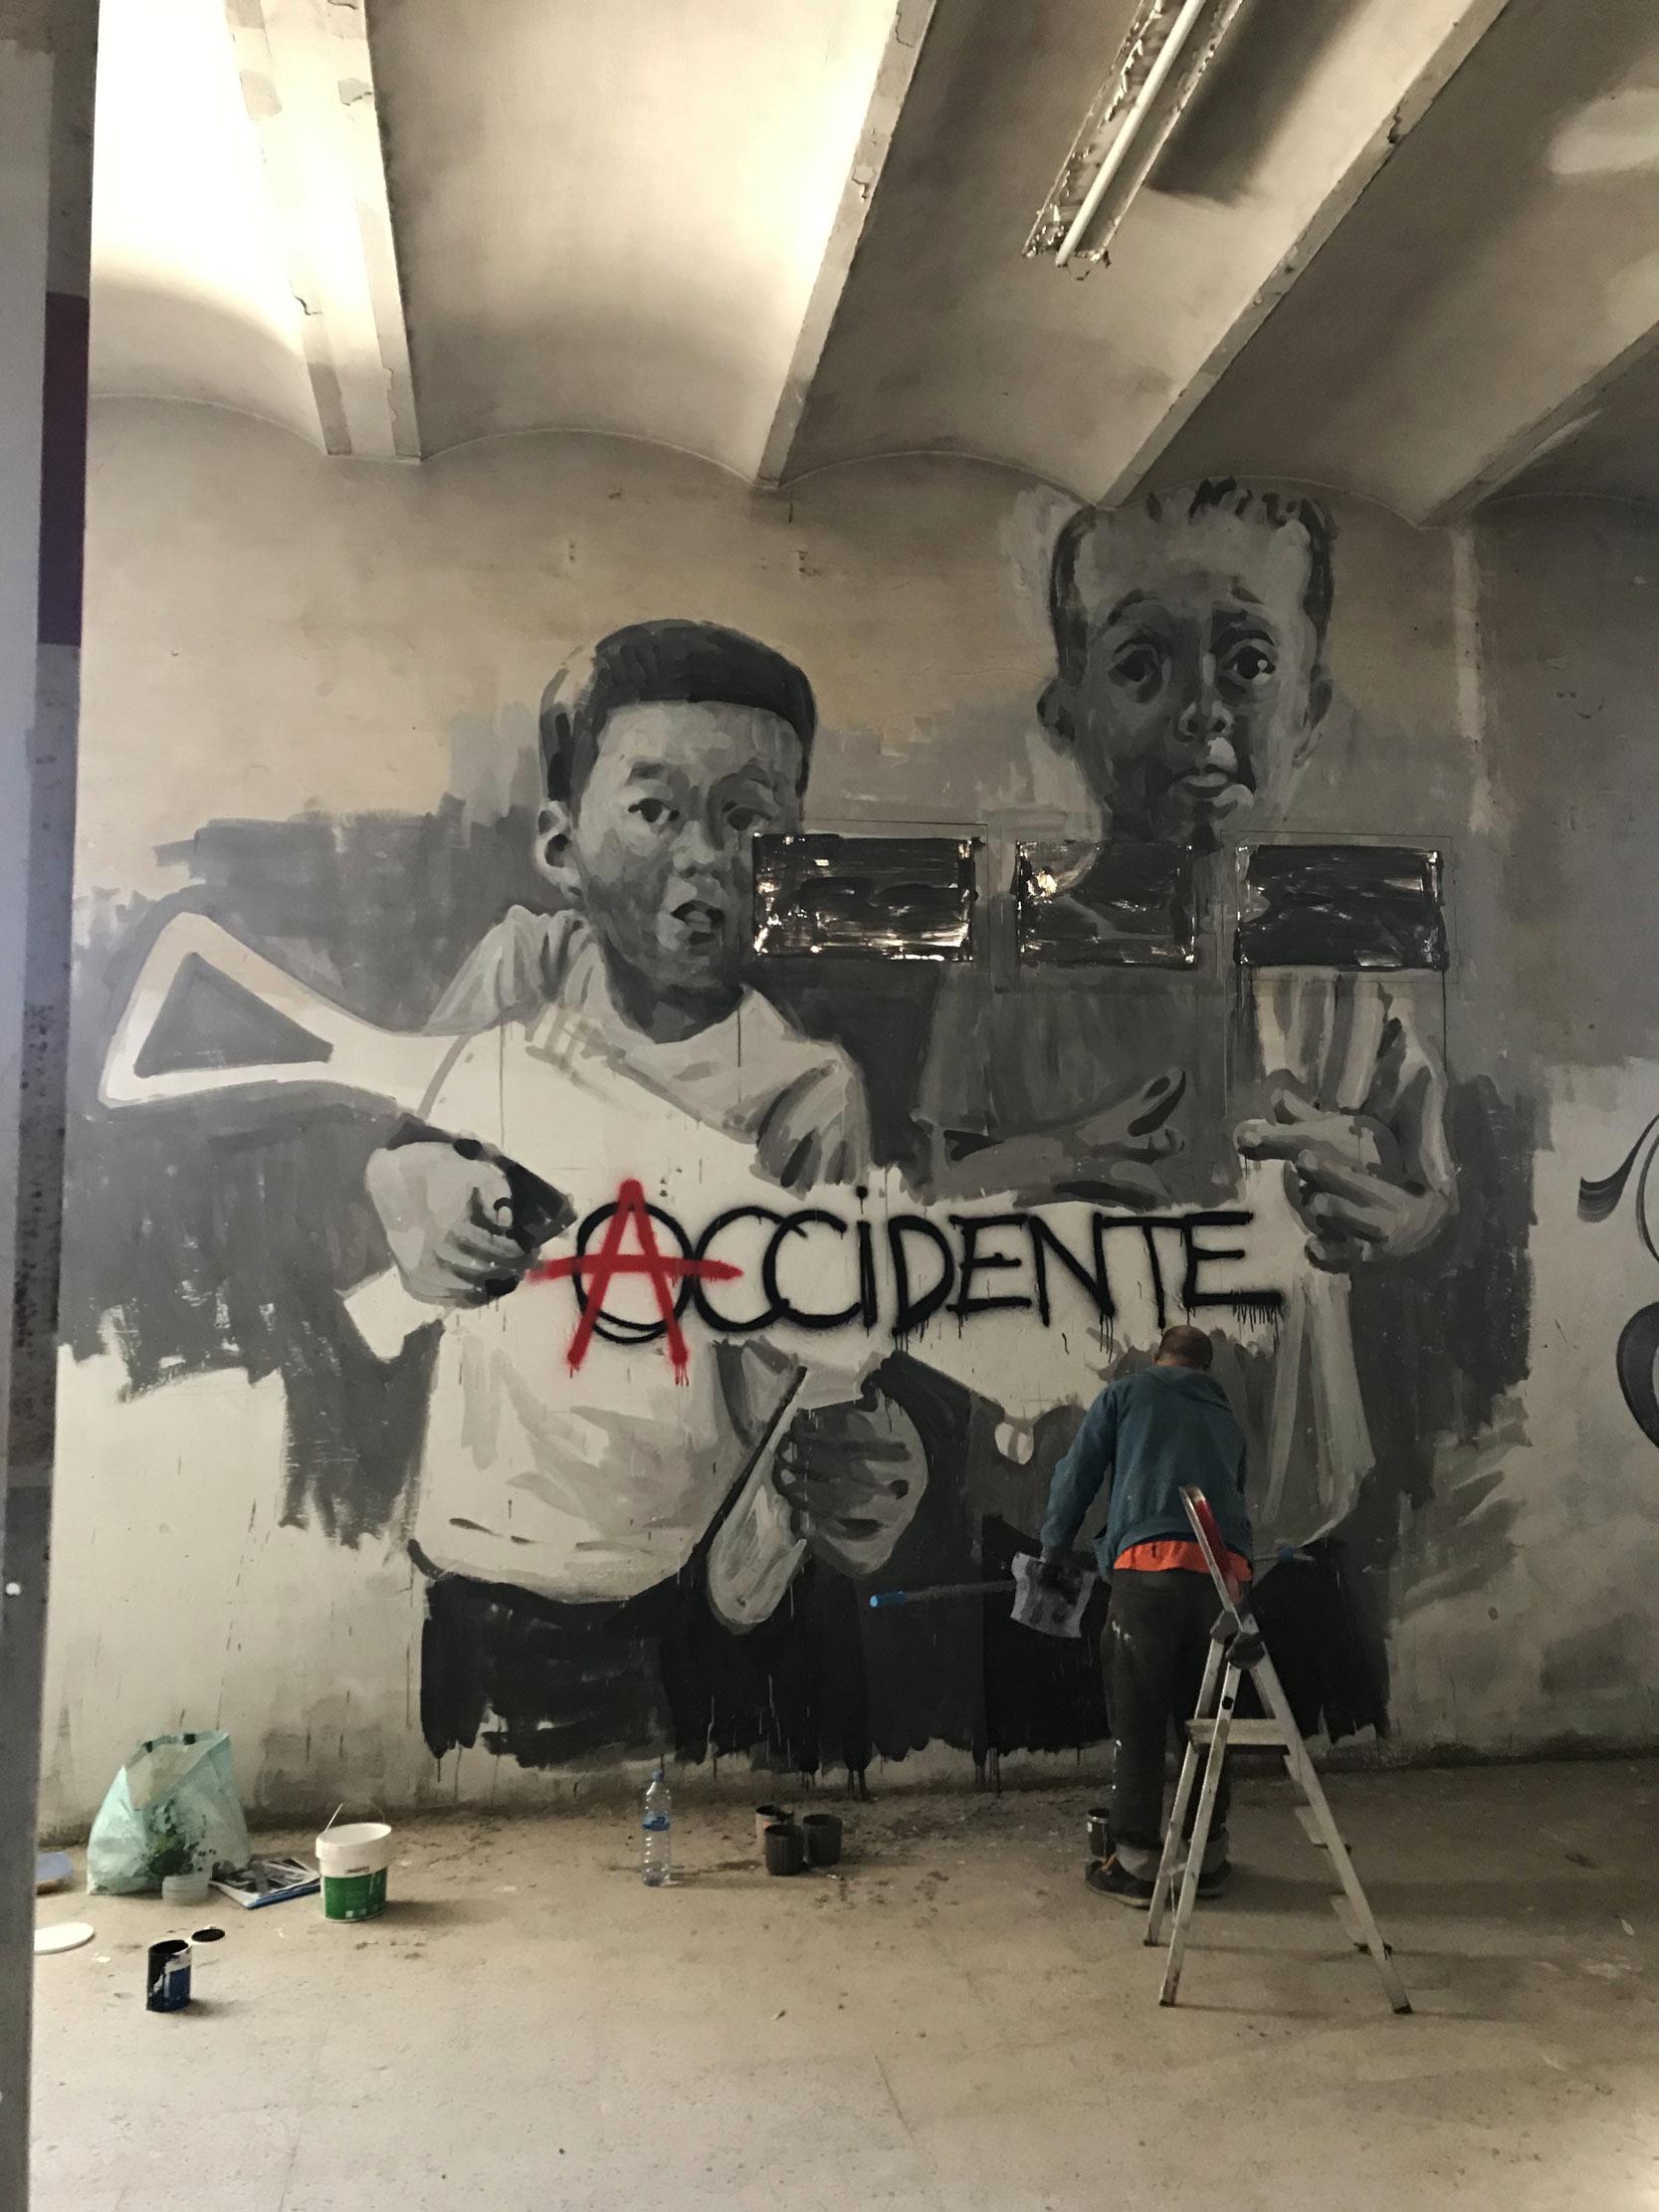 arte urbano ru8icon1 Barcelona